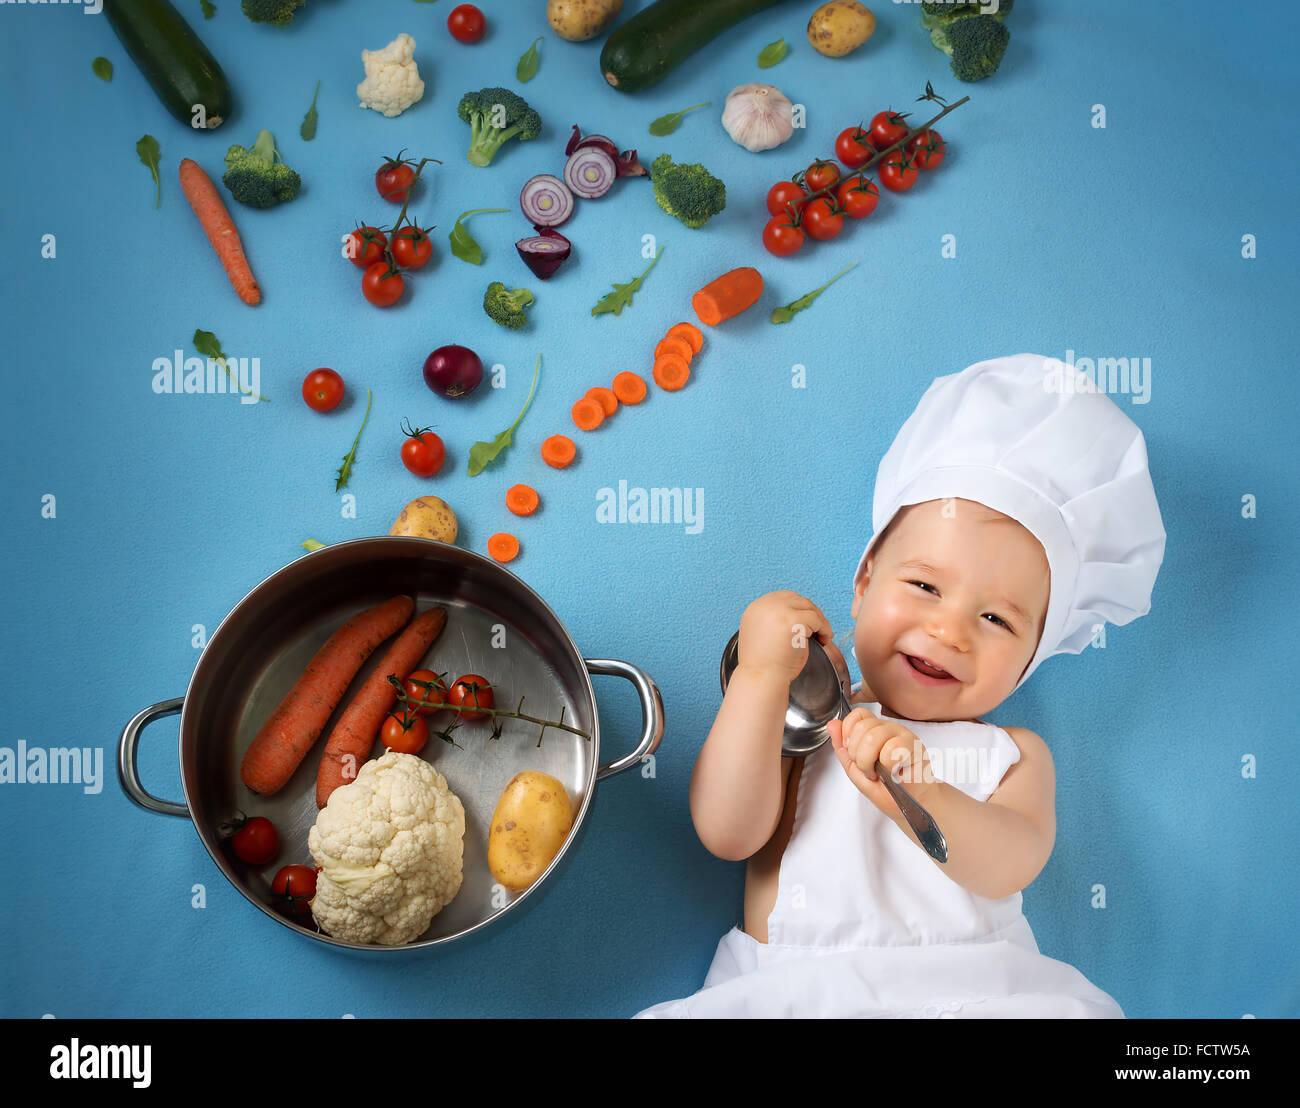 Baby Boy en chef hat con cocinar pan y verduras Imagen De Stock